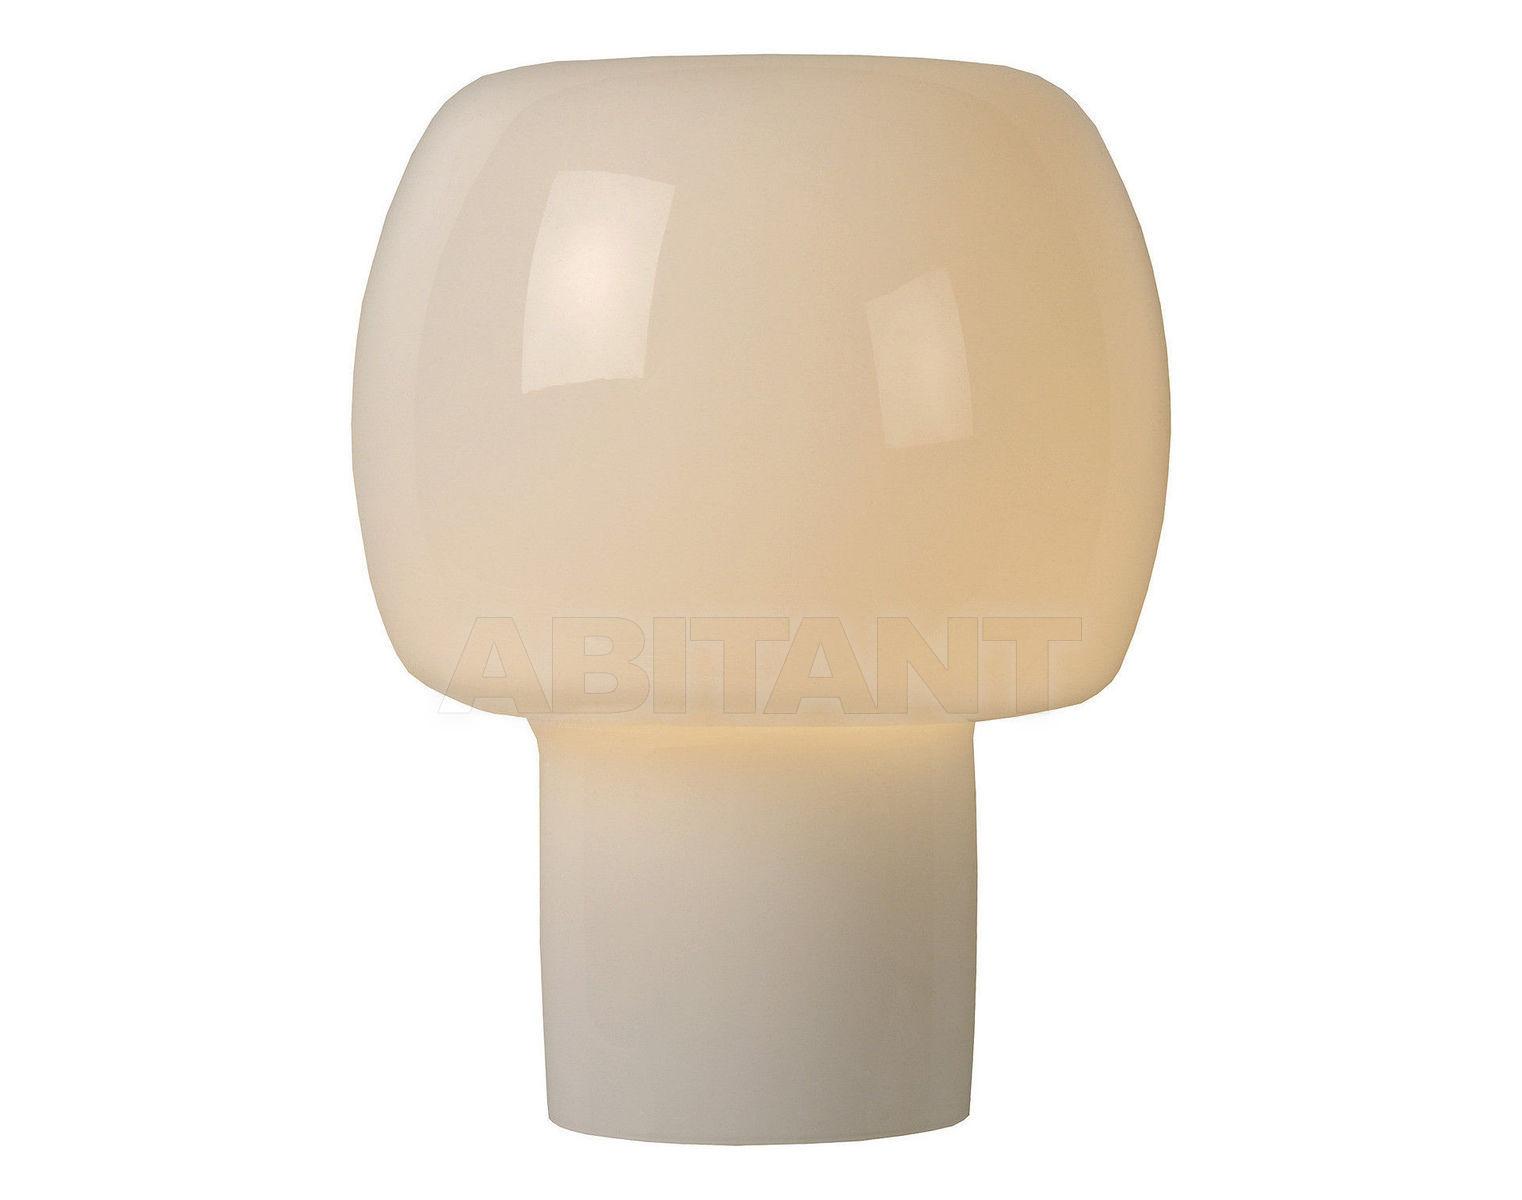 Купить Светильник настенный AMBIANCE Lucide  Ceiling & Wall Lights 70219/01/61